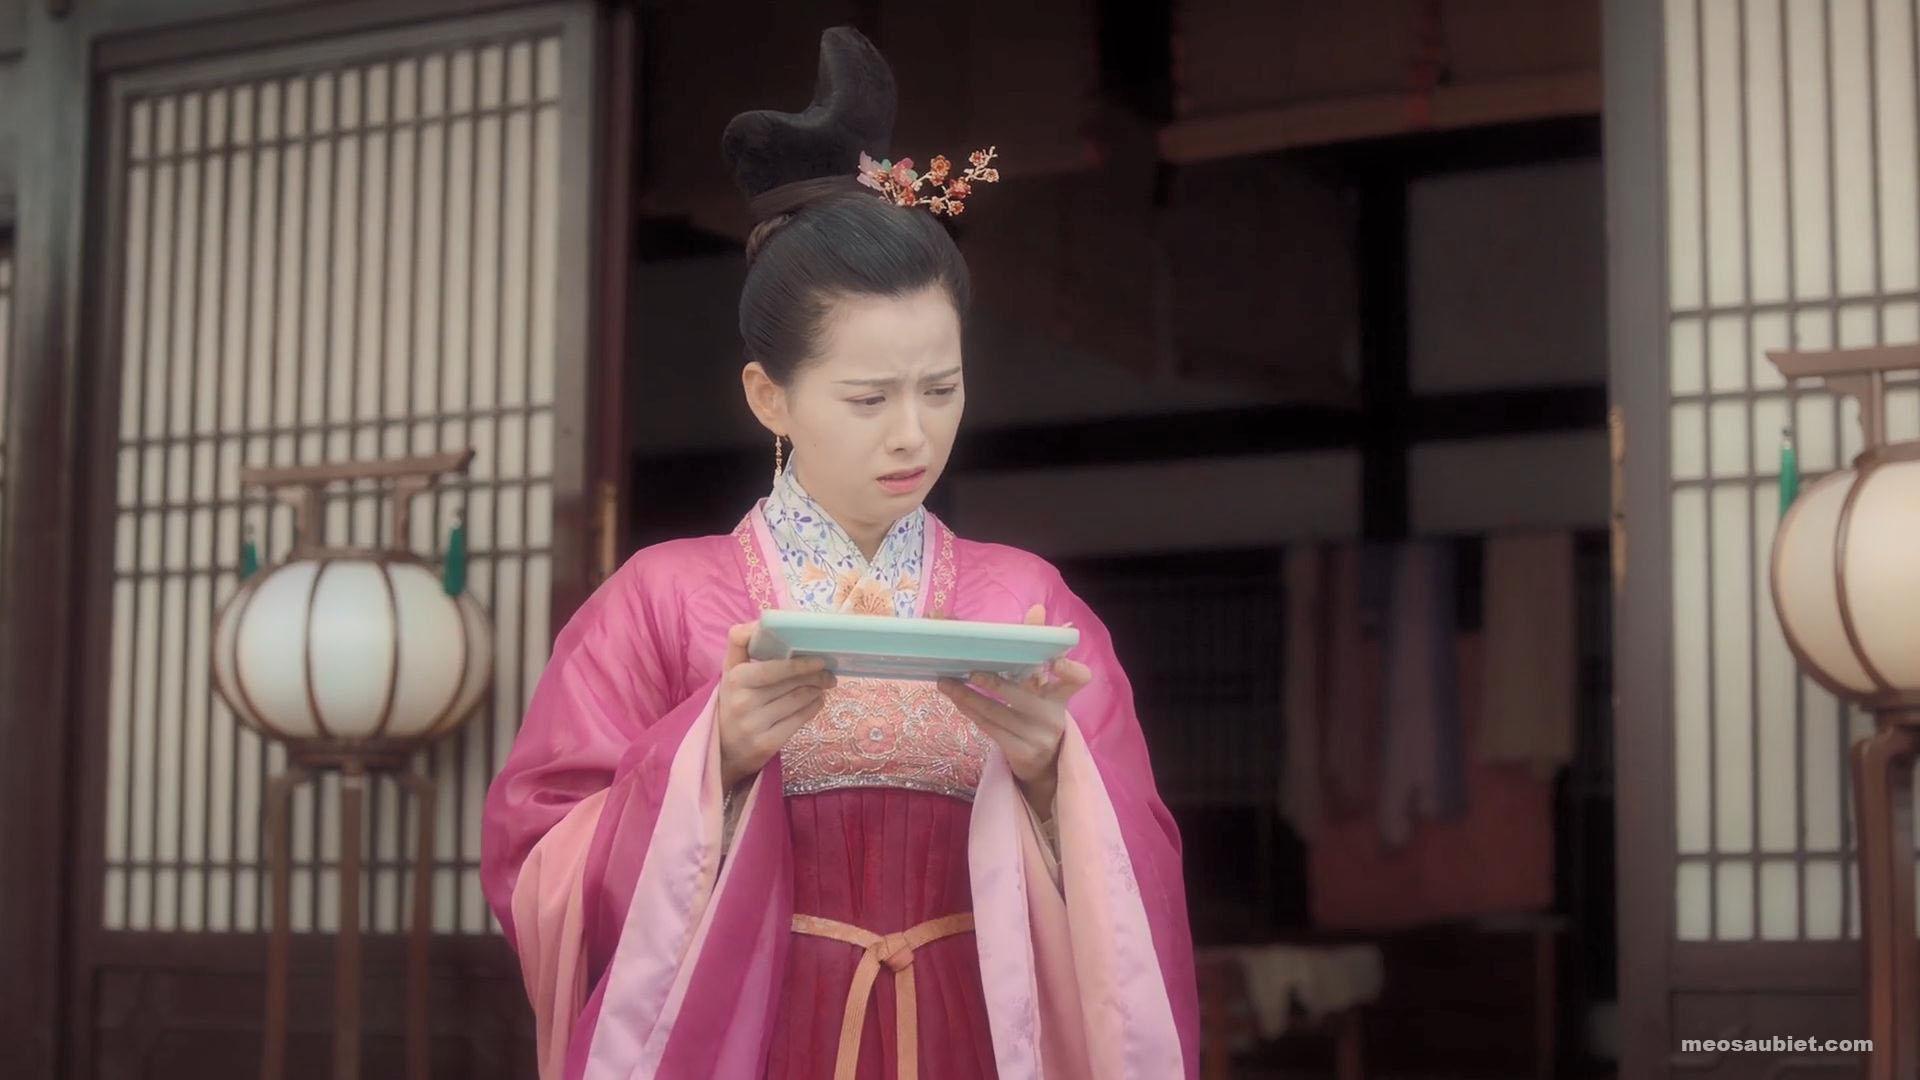 Điện hạ đại nhân chọc không nổi 2019 Hoàng Nhật Oánh trong vai Lâm Tranh Tranh